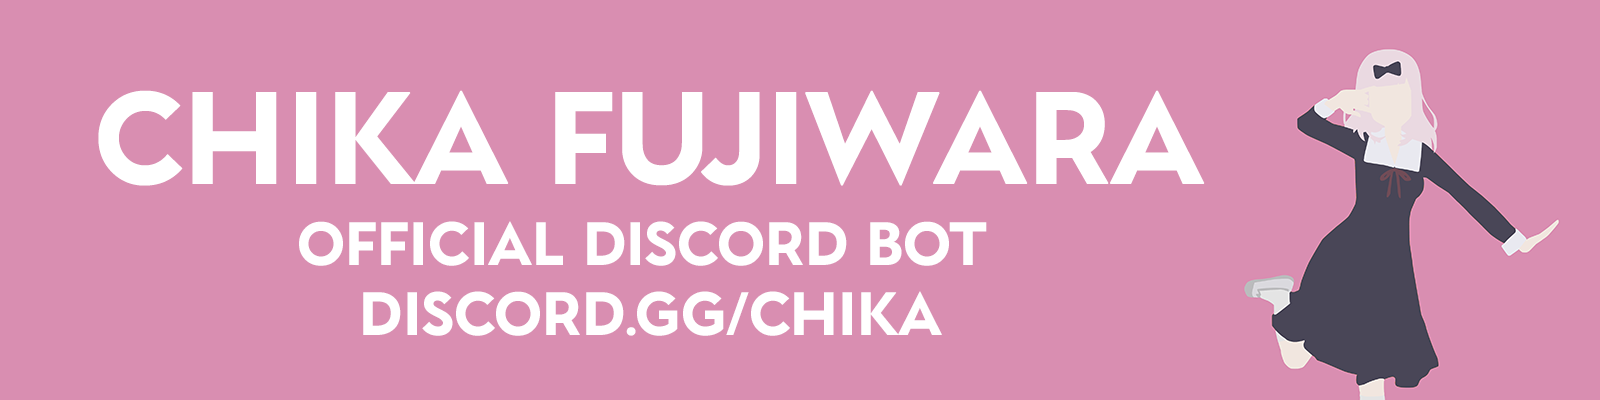 Official Chika Fujiwara Background